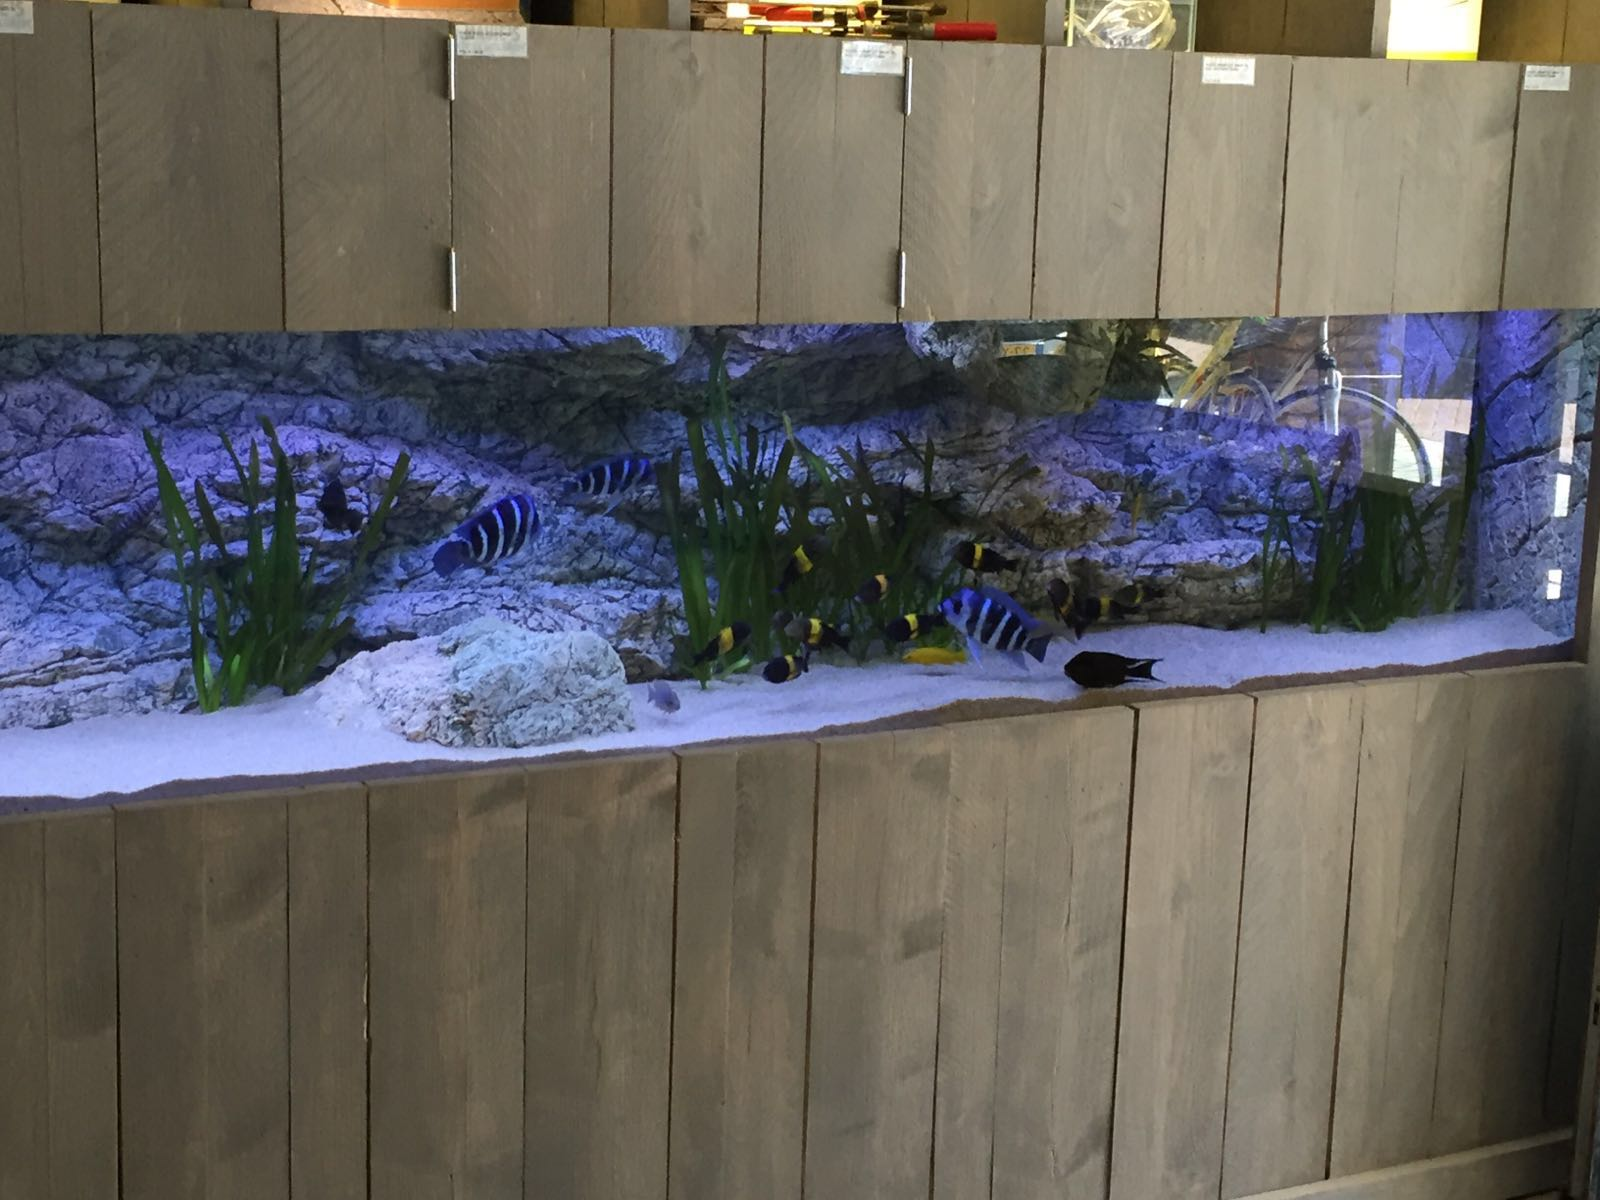 Alimar in the aquarium tank